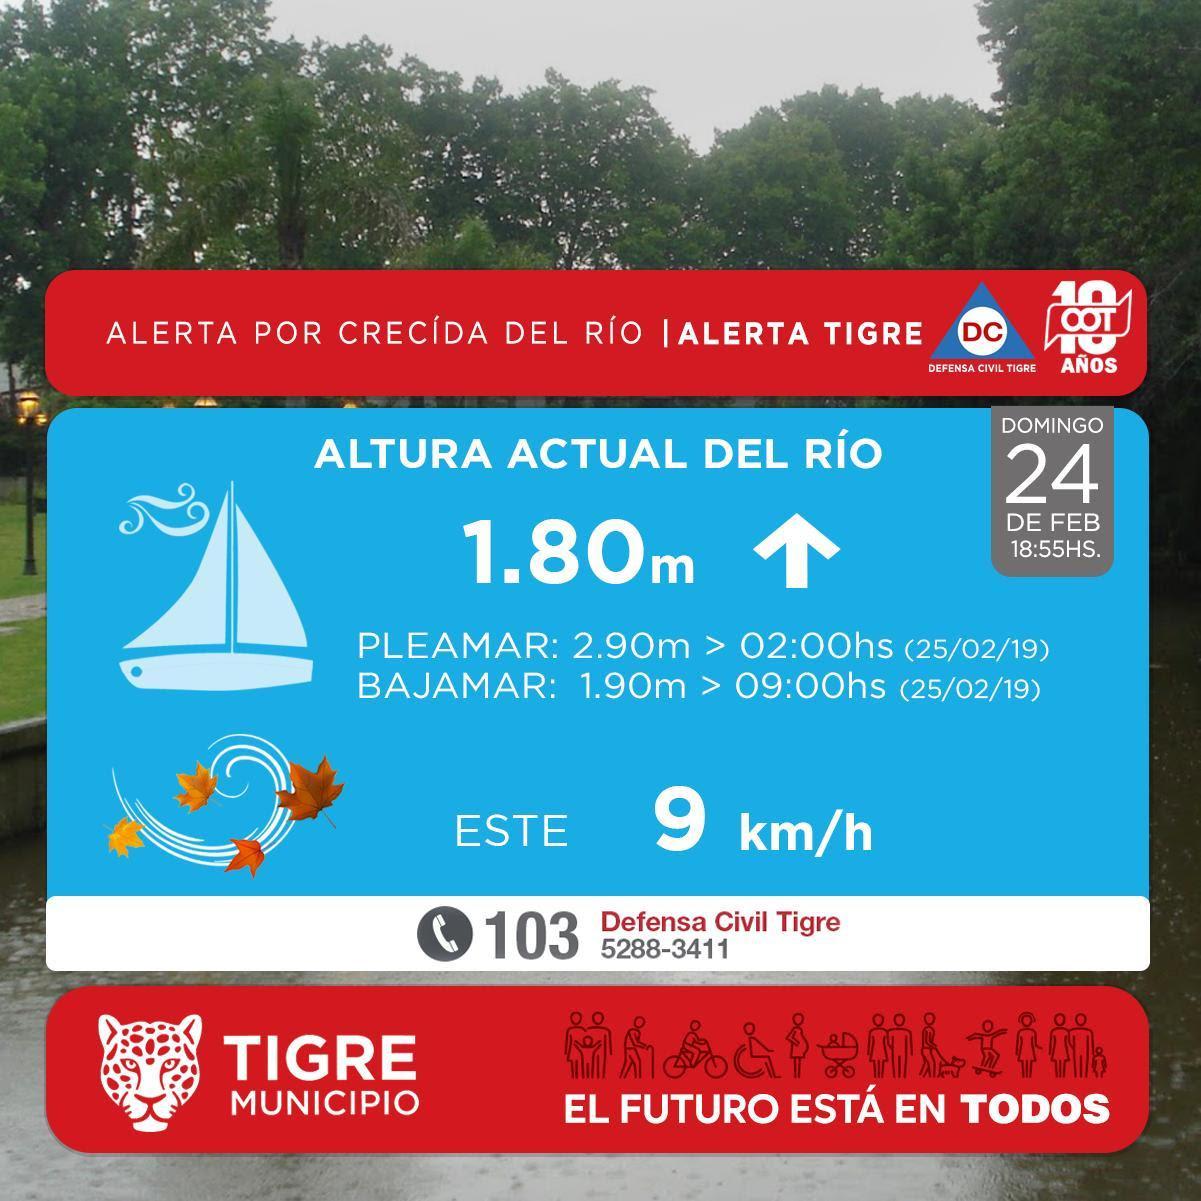 Tigre / Alerta por crecida del Río de La Plata